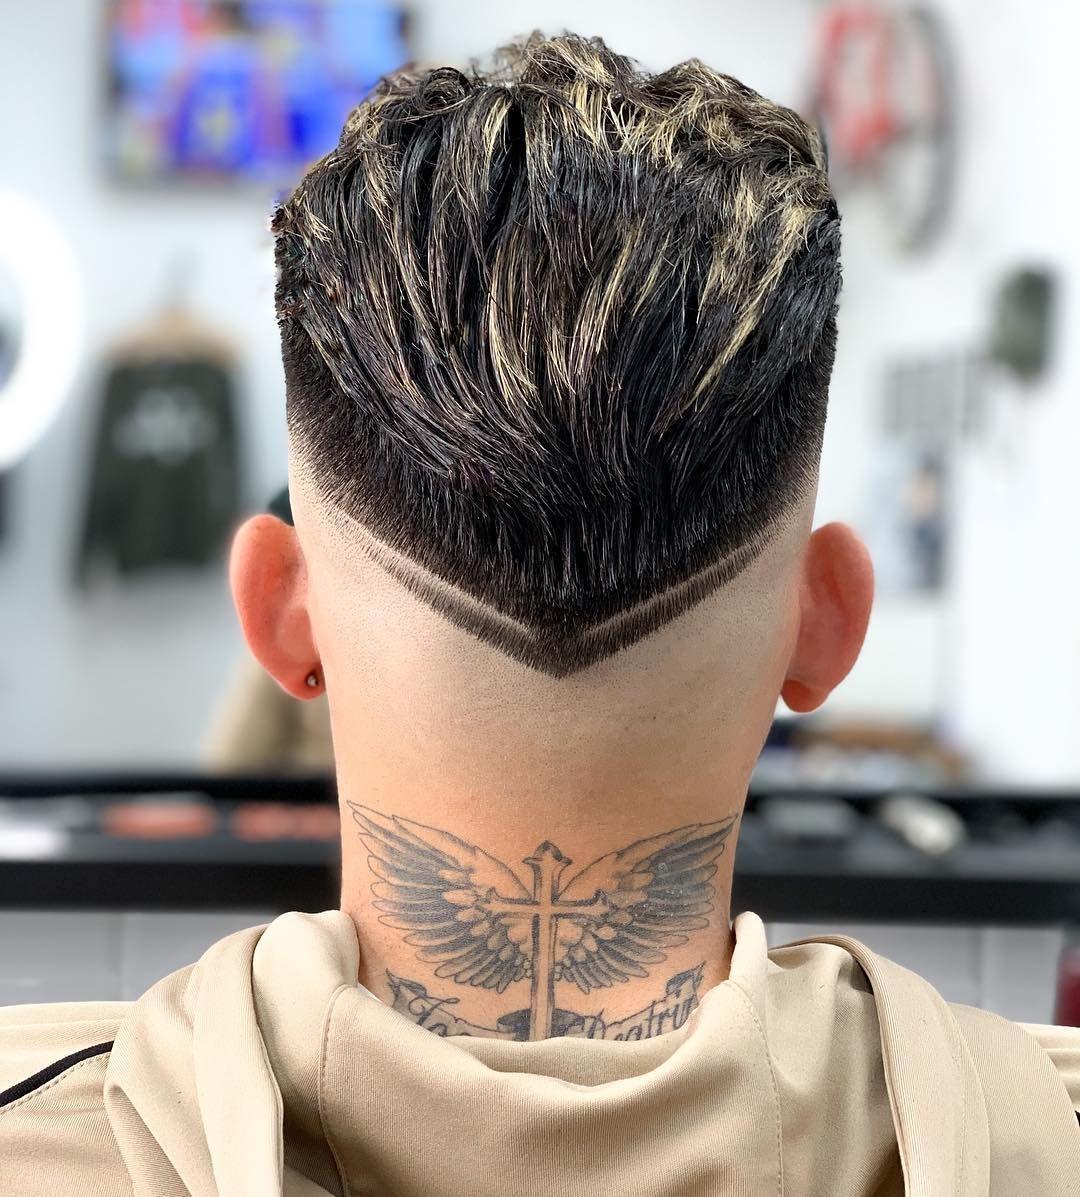 Frisurtrends 2019 Barbier Vthebarber Beard Styles Black Haircut Styles Hair And Beard Styles